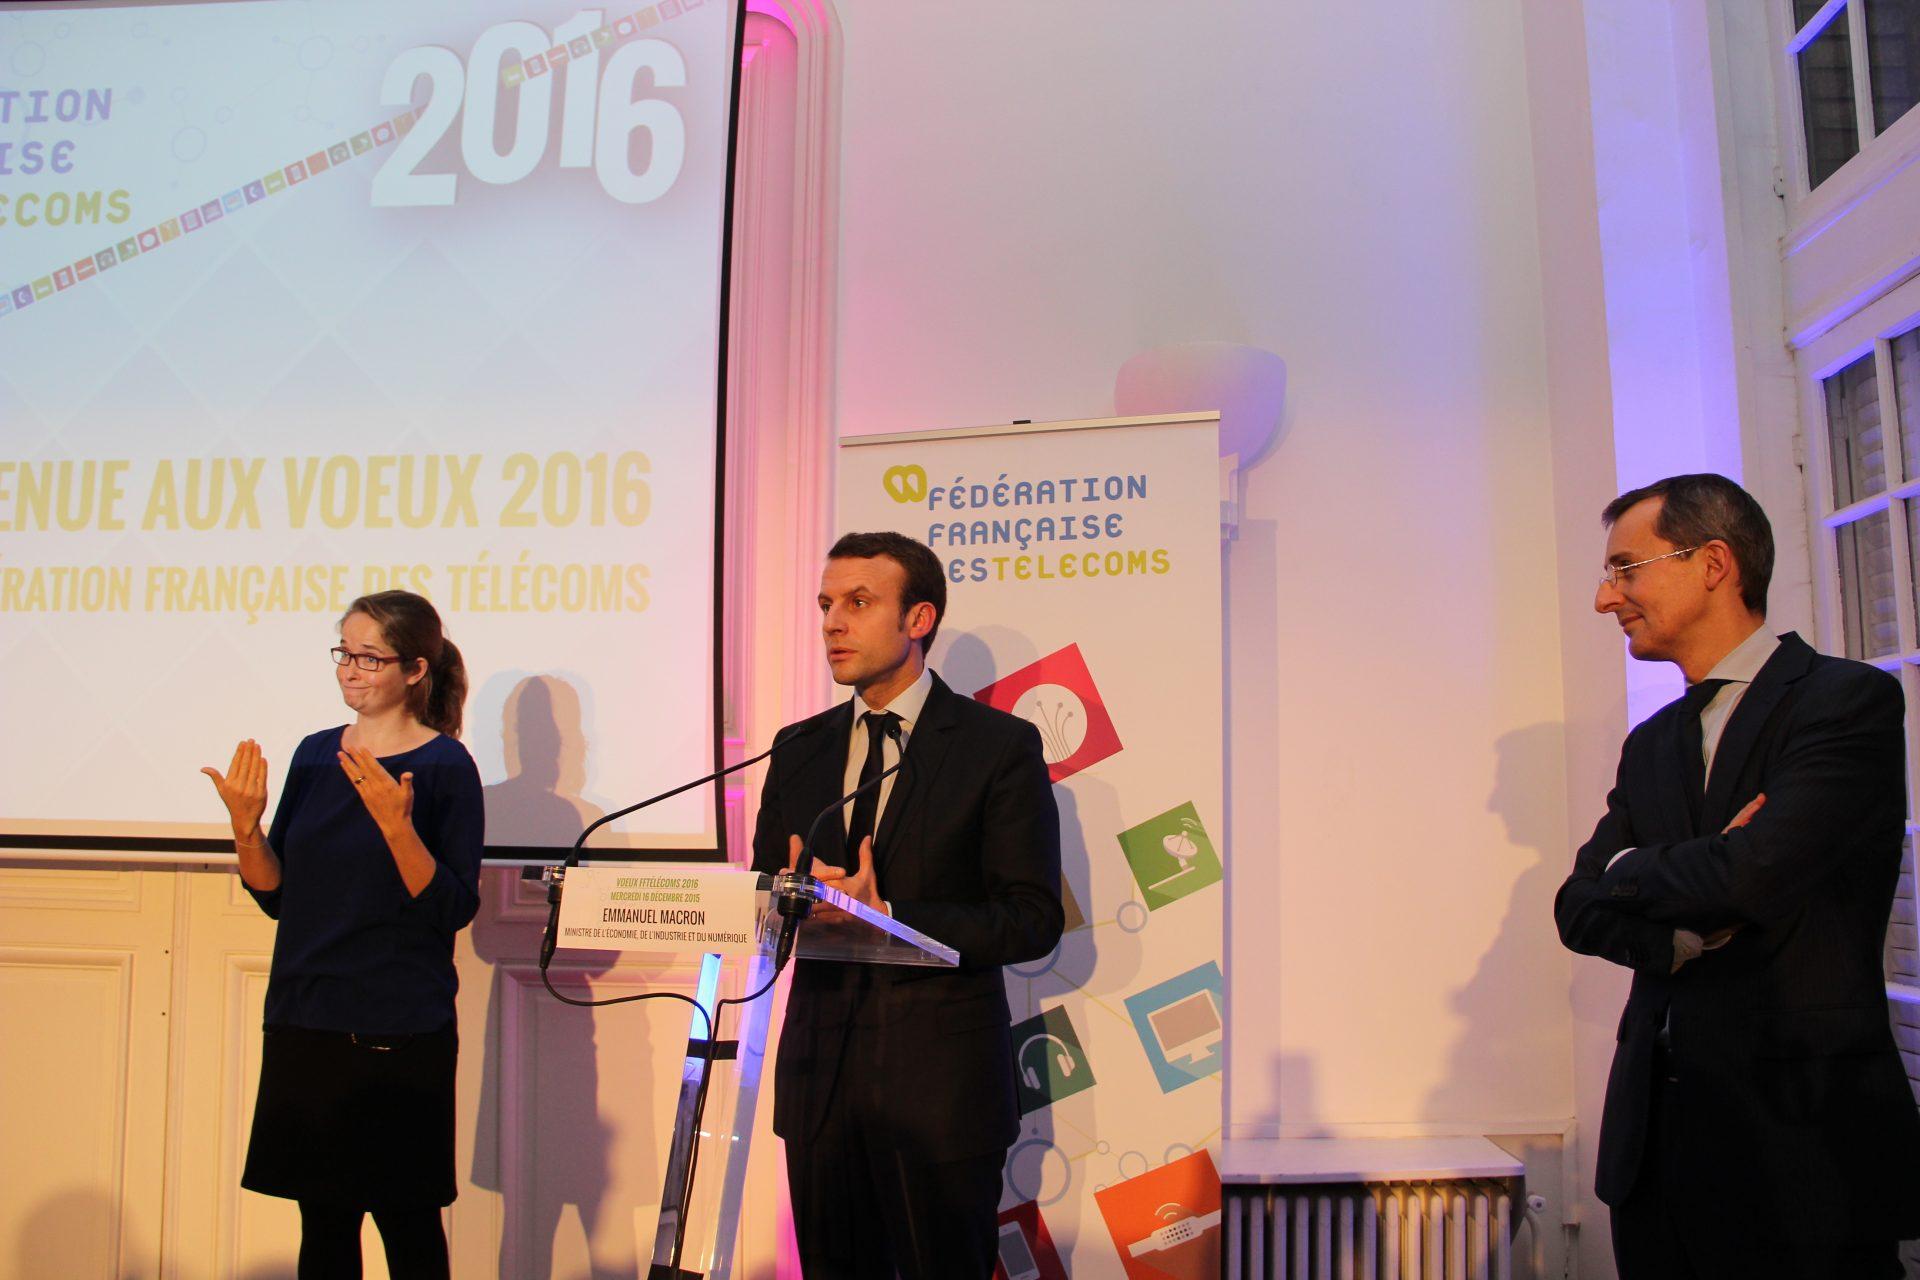 Ceremonie Des Vœux 2016 Replay Discours De Didier Casas Et Emmanuel Macron Federation Francaise Des Telecoms